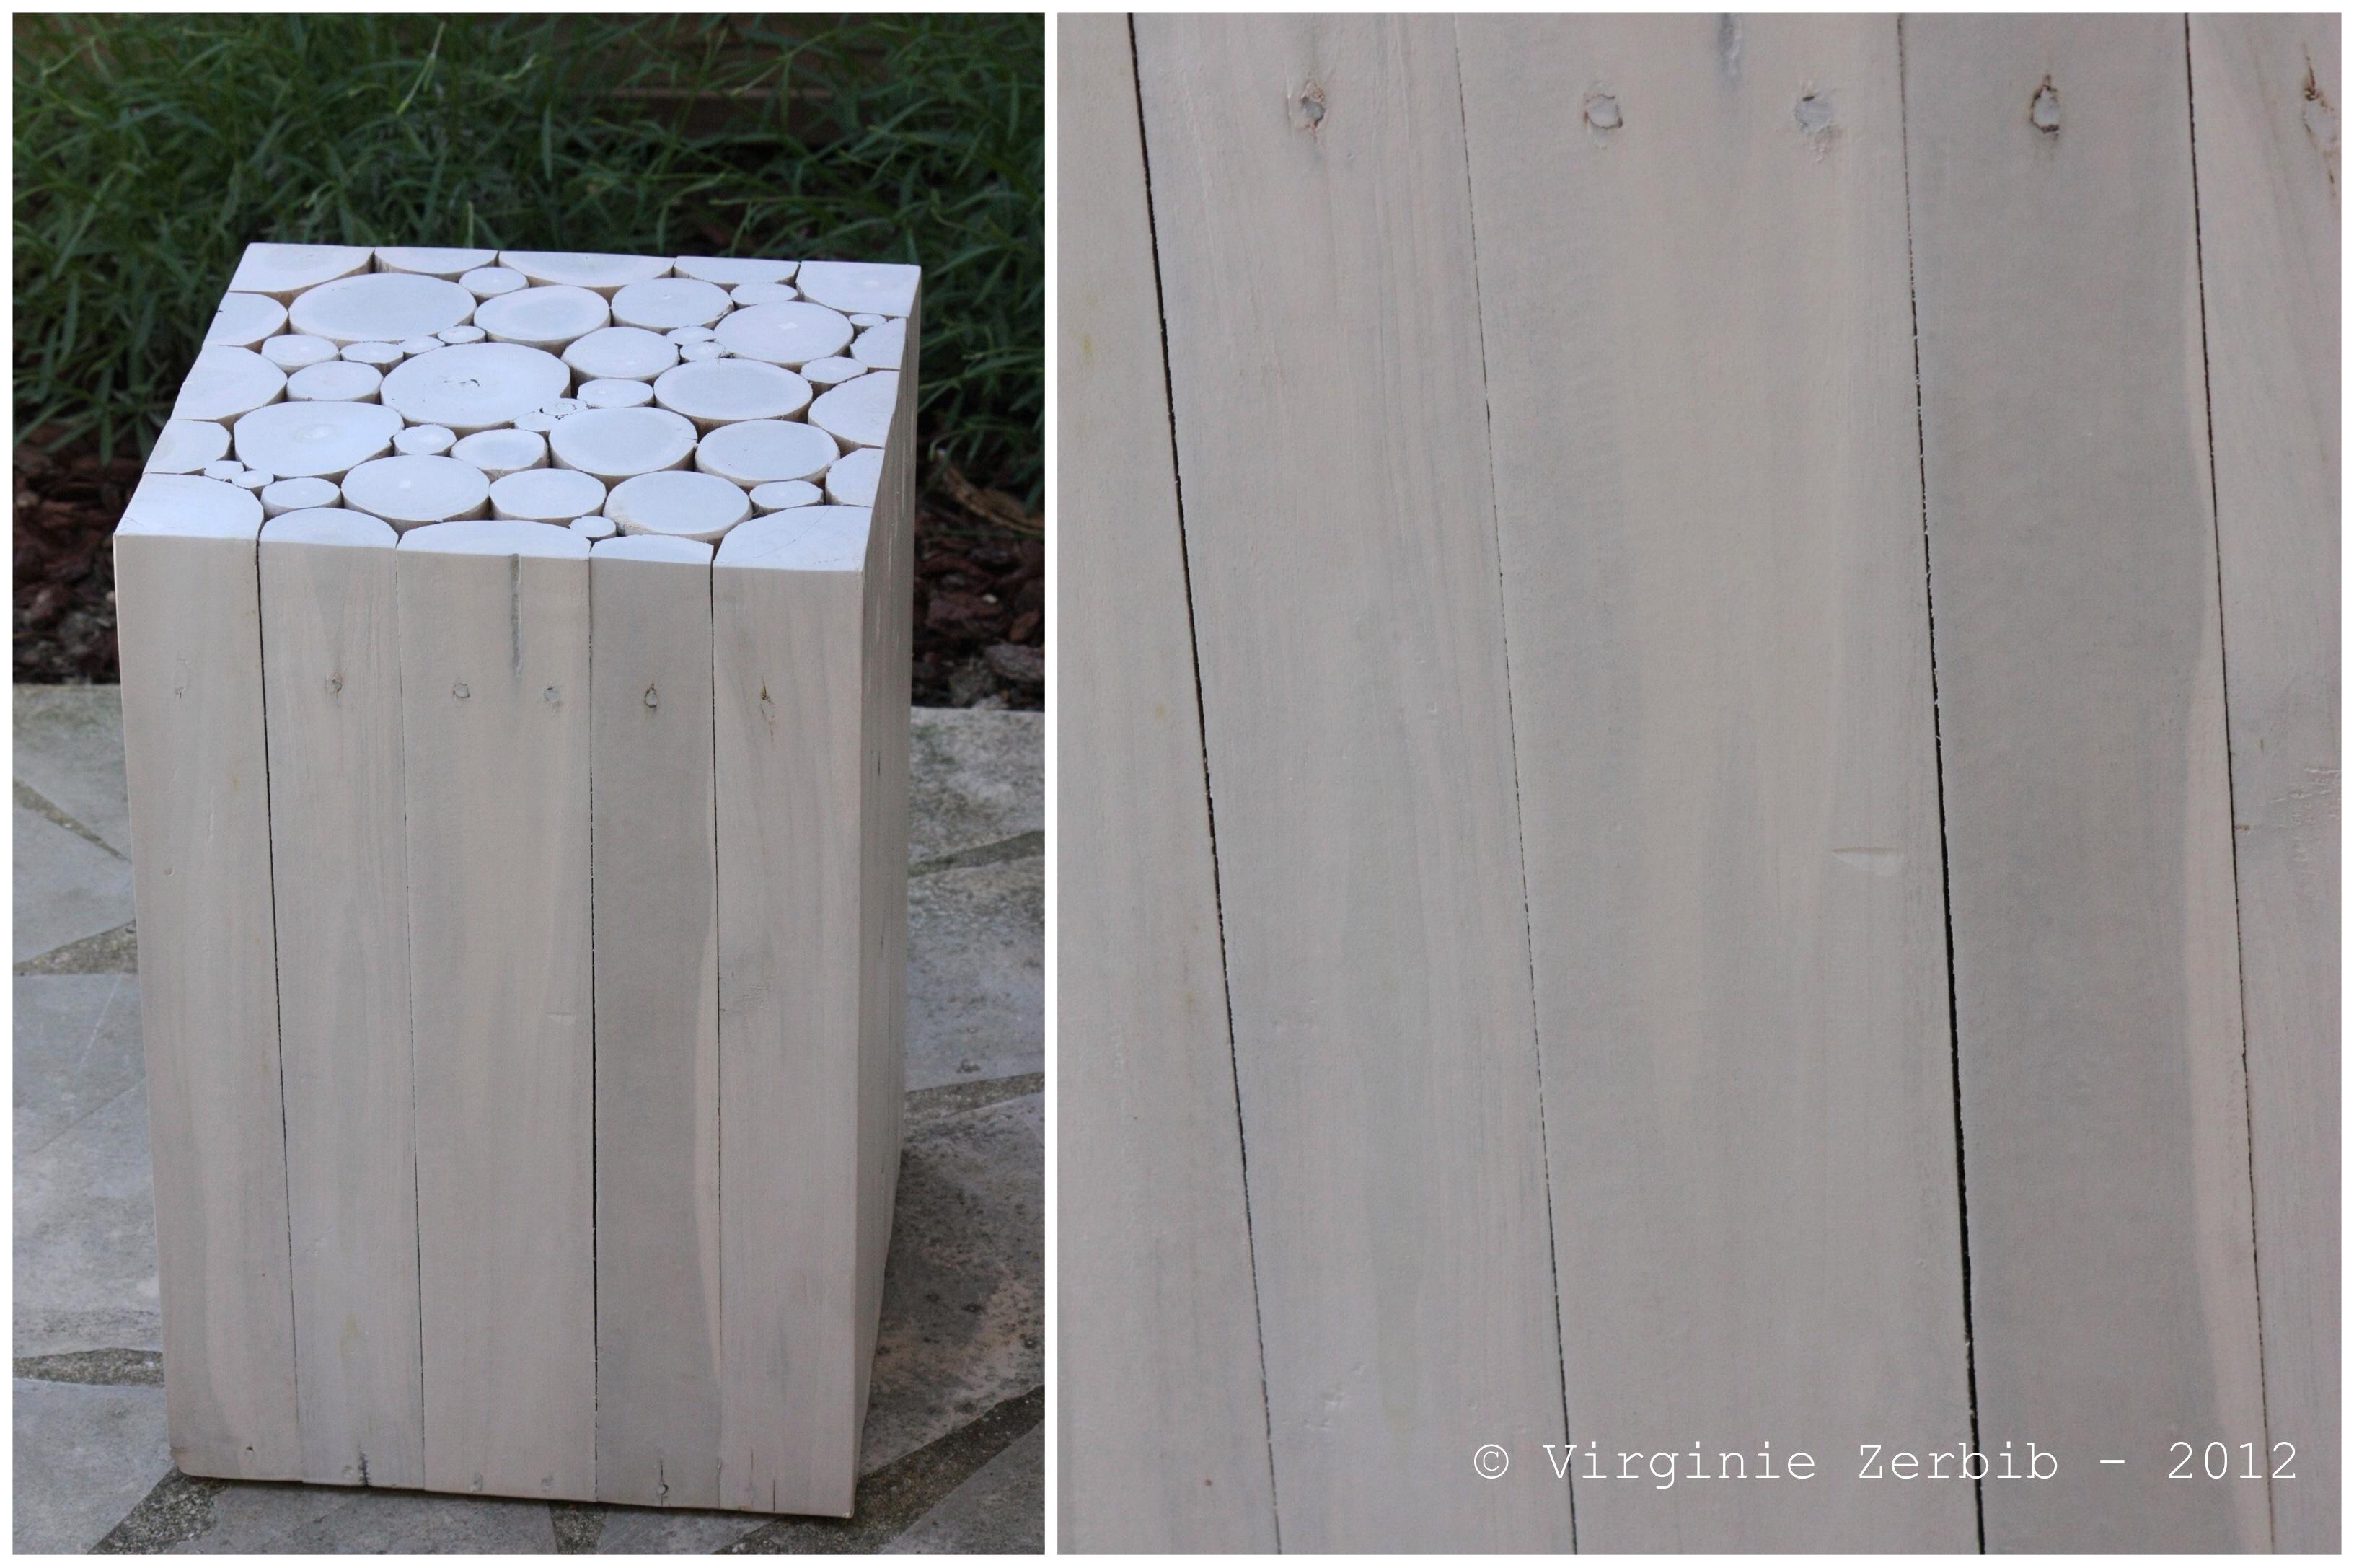 Canape En Bois Blanc : Bout de canap? en bois blanchi